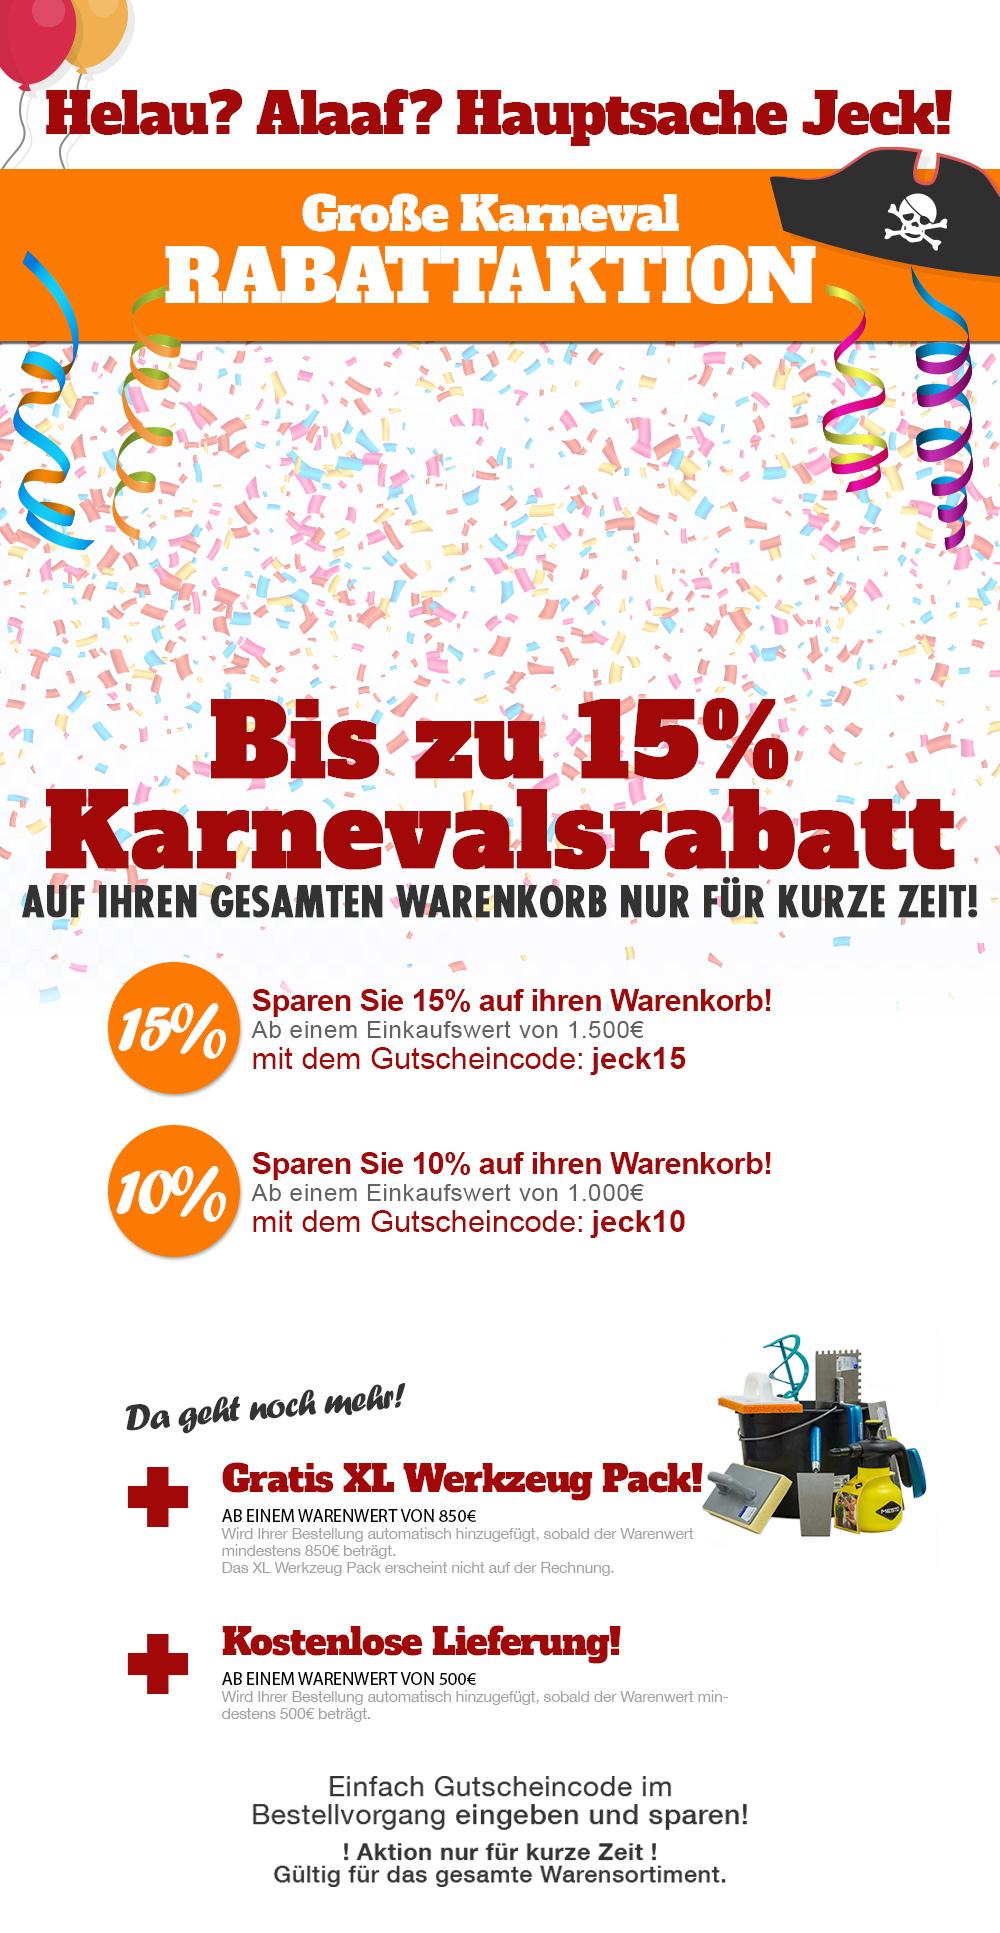 Karnevalsrabatt im Klimaplatten-Shop mit bis zu 15% Rabatt